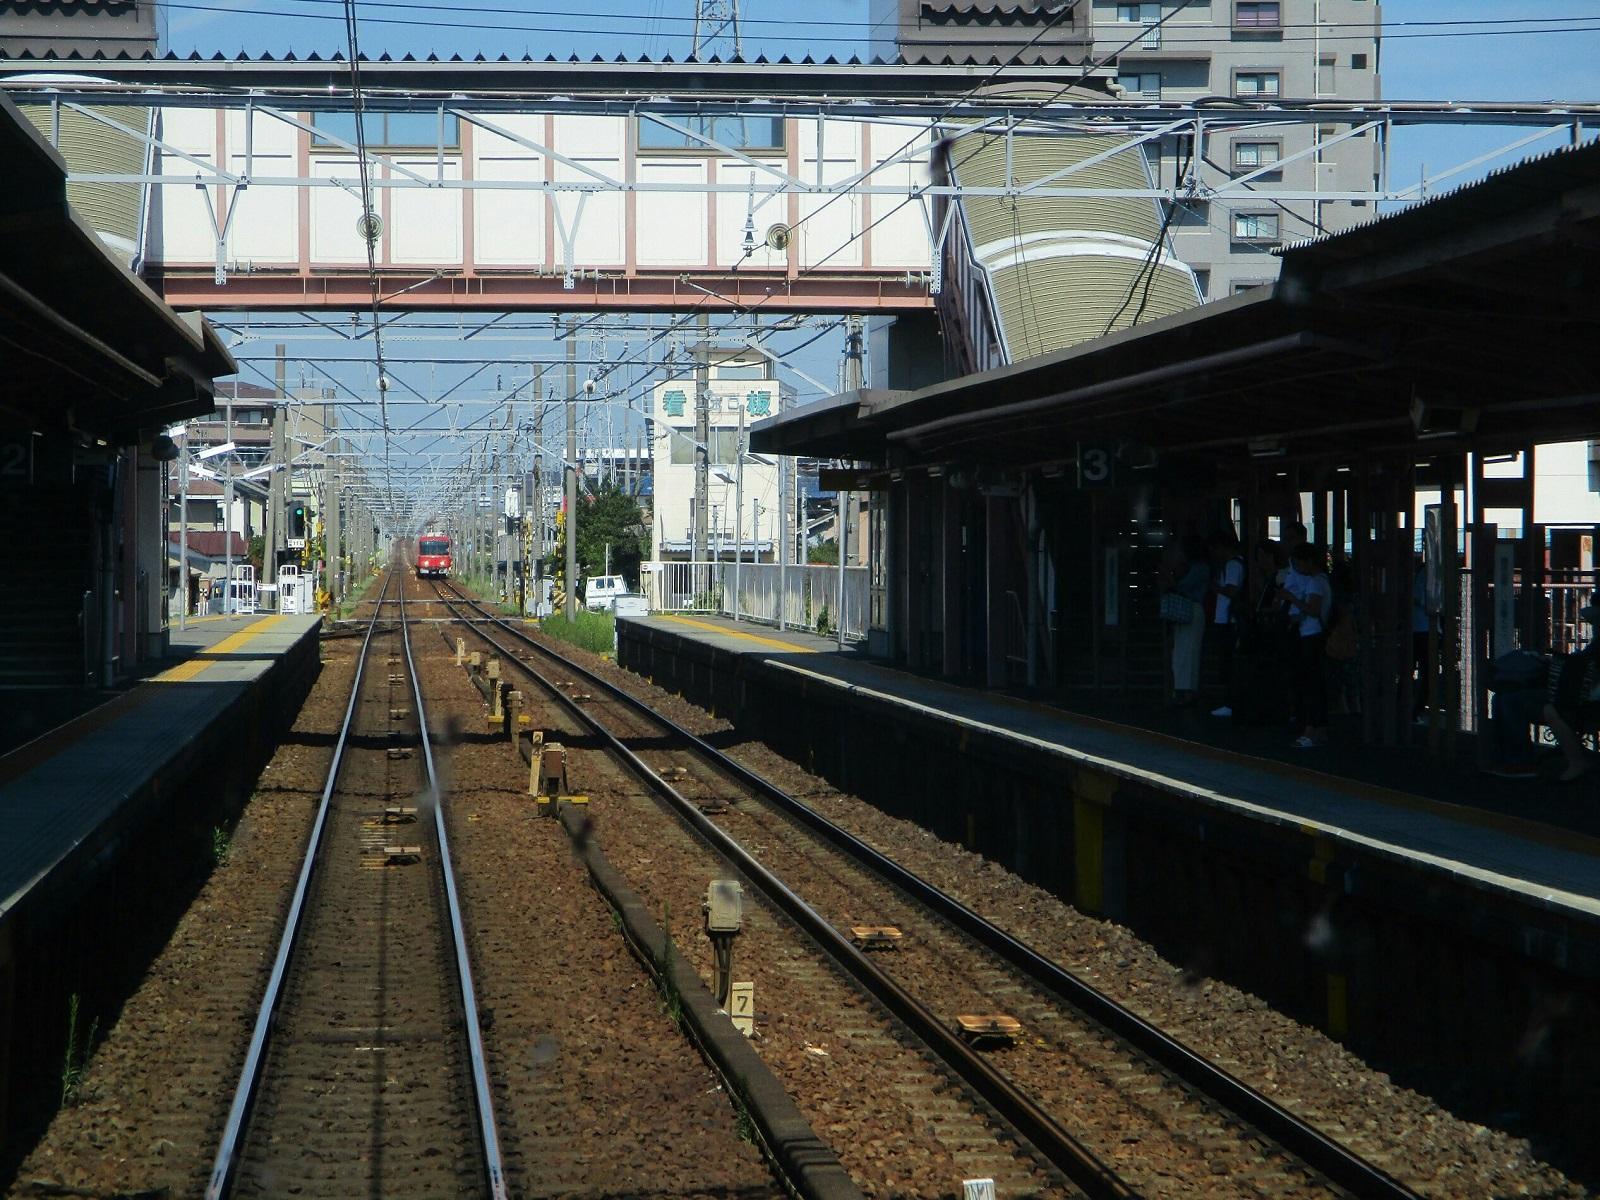 2018.8.27 (18) 岐阜いき特急 - 矢作橋 1600-1200